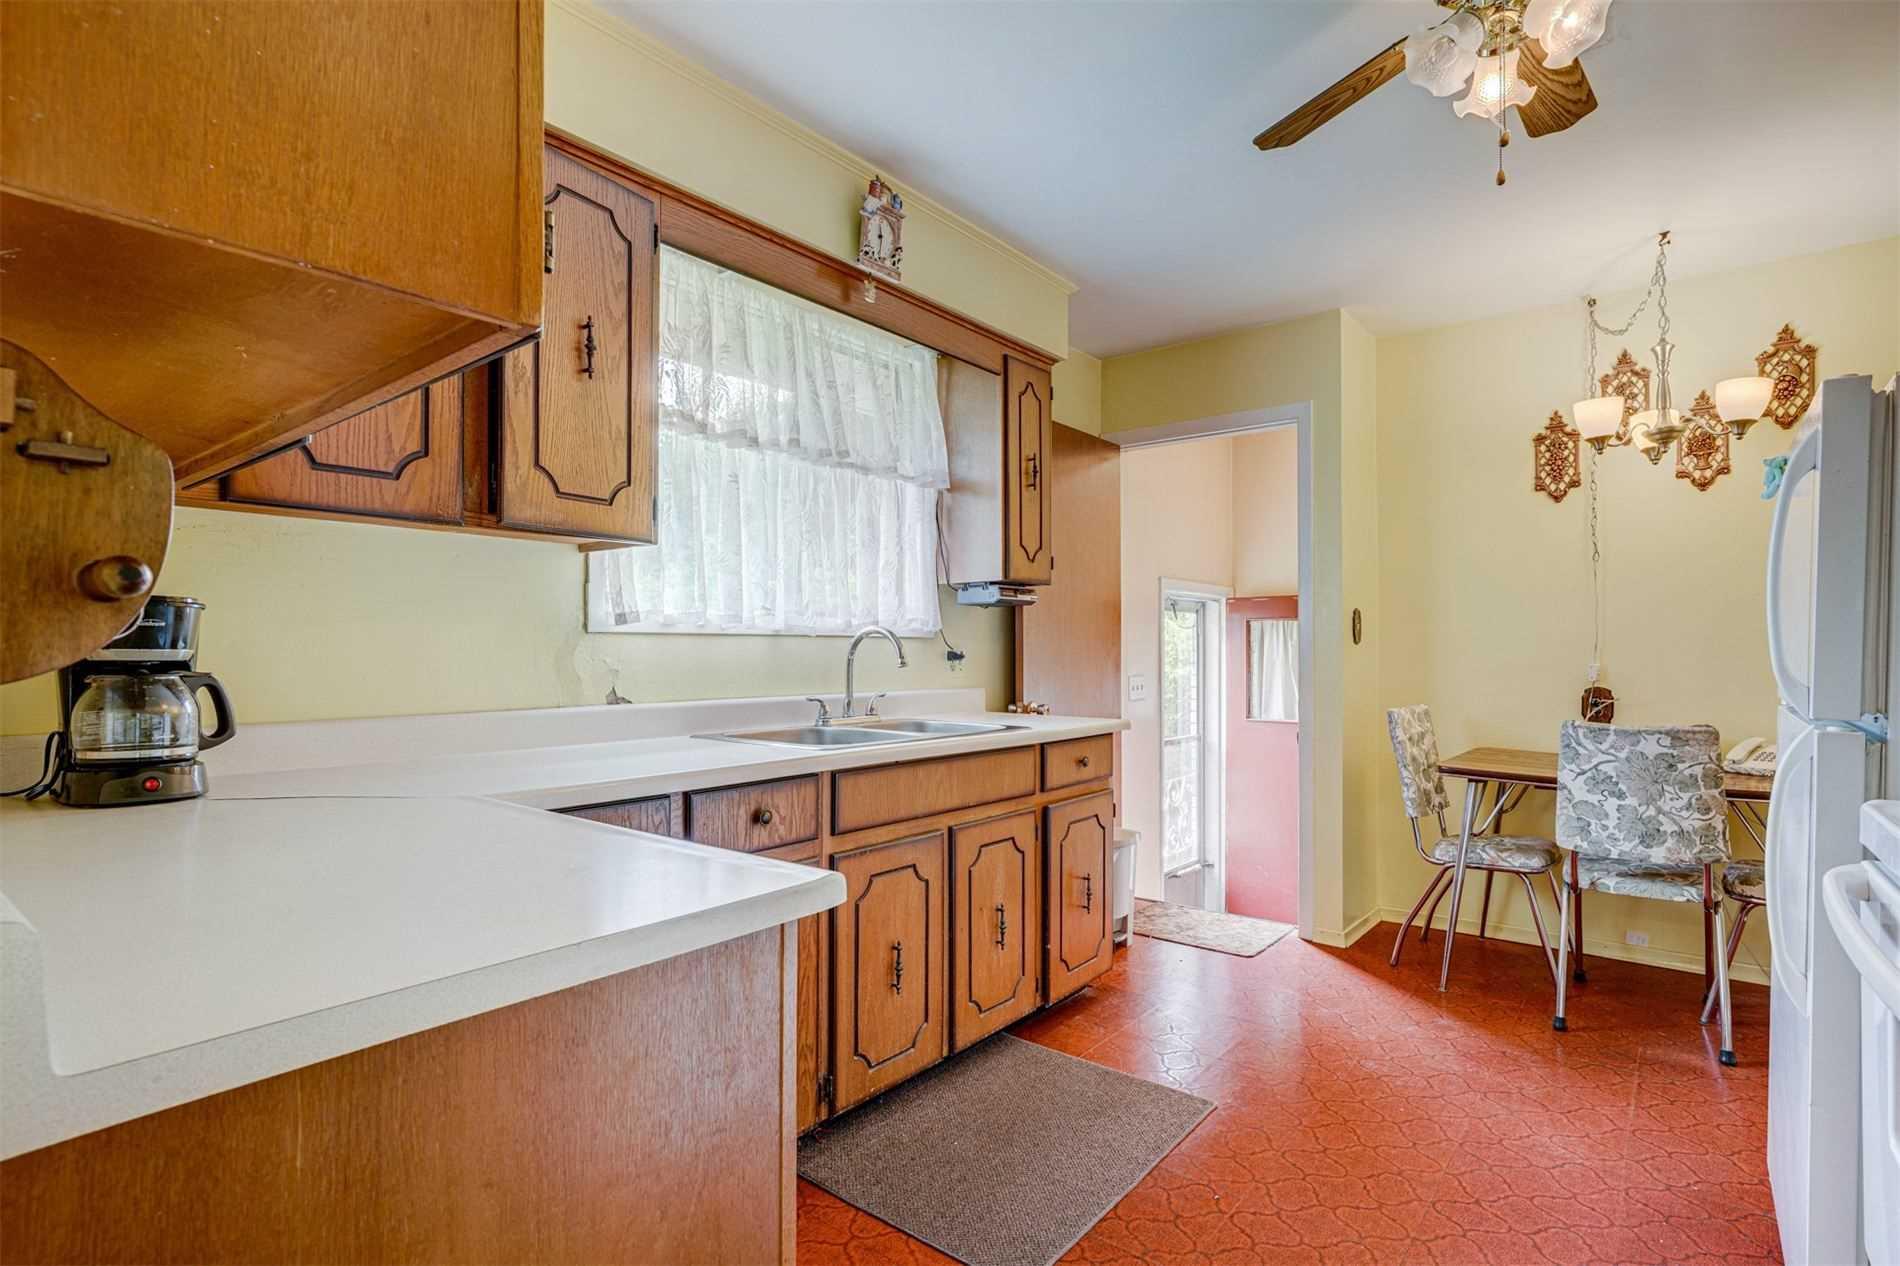 4189 Brock Rd - Uxbridge Detached for sale, 3 Bedrooms (N5311768) - #16